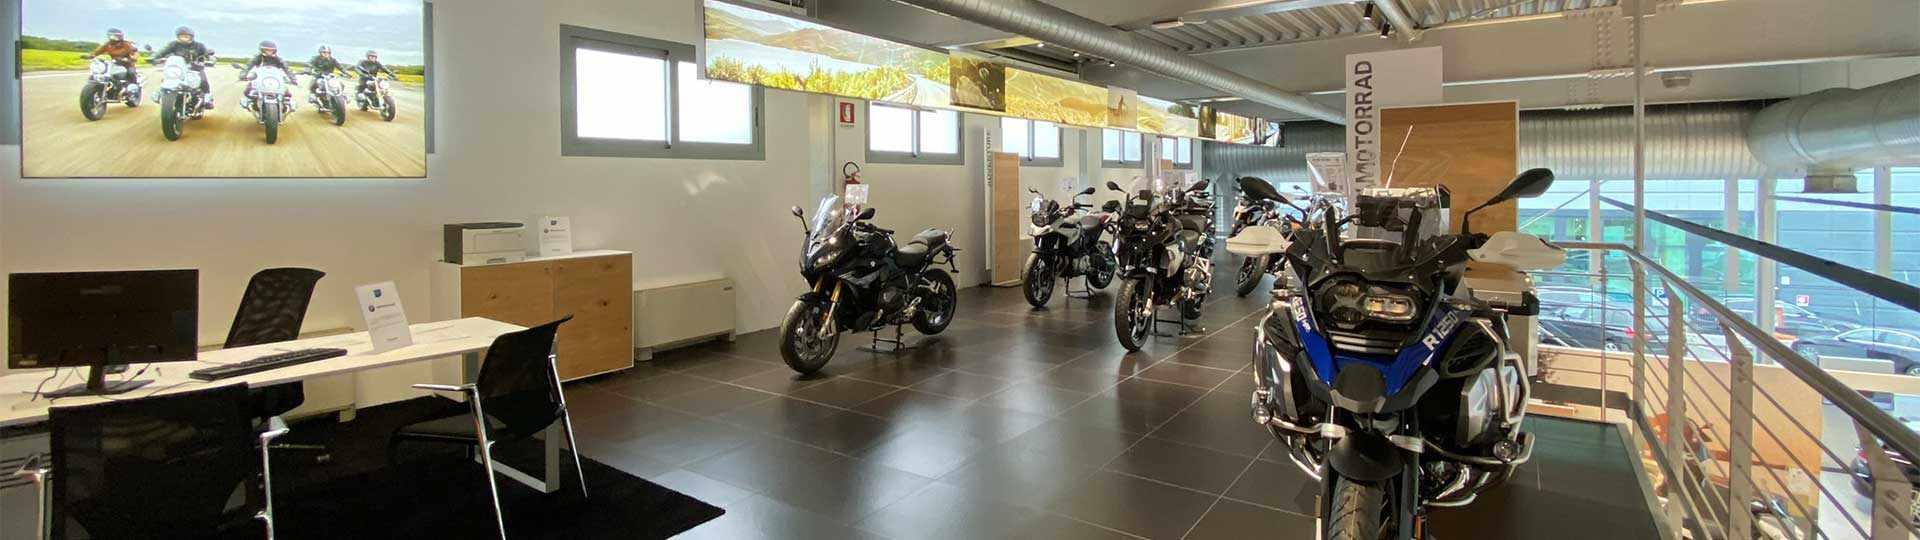 bmw-motorrad.jpg